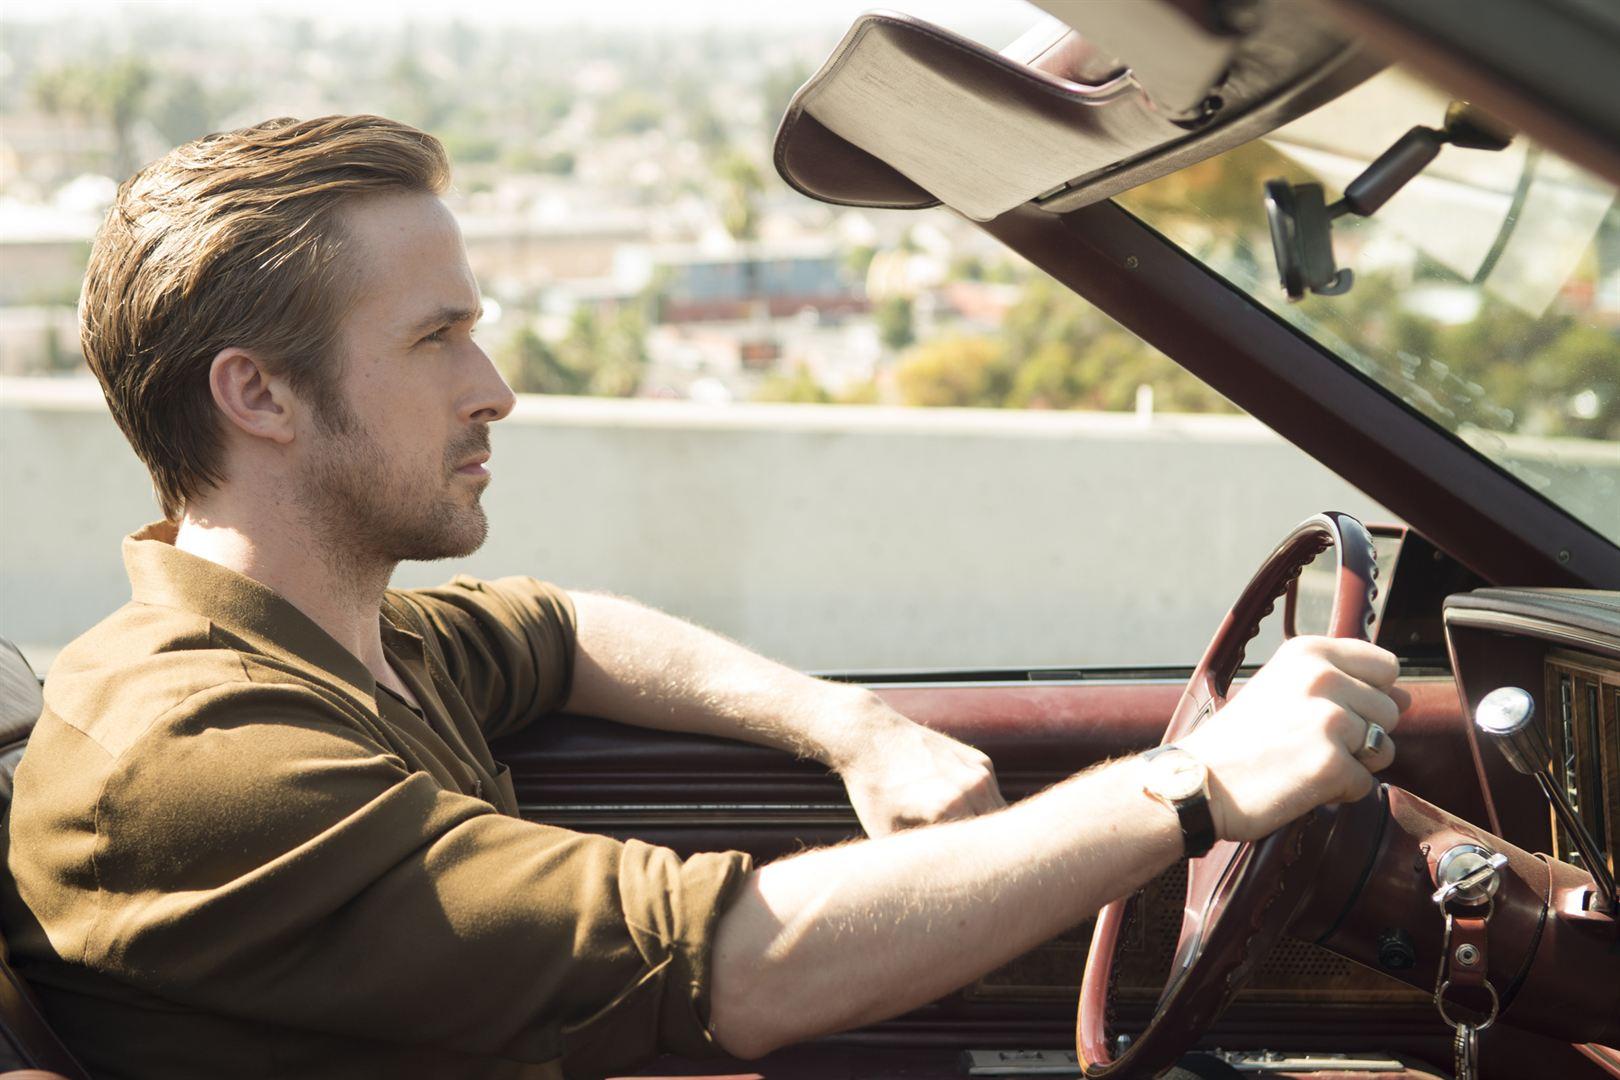 La La Land Los Angeles - Ryan Gosling Los Angeles